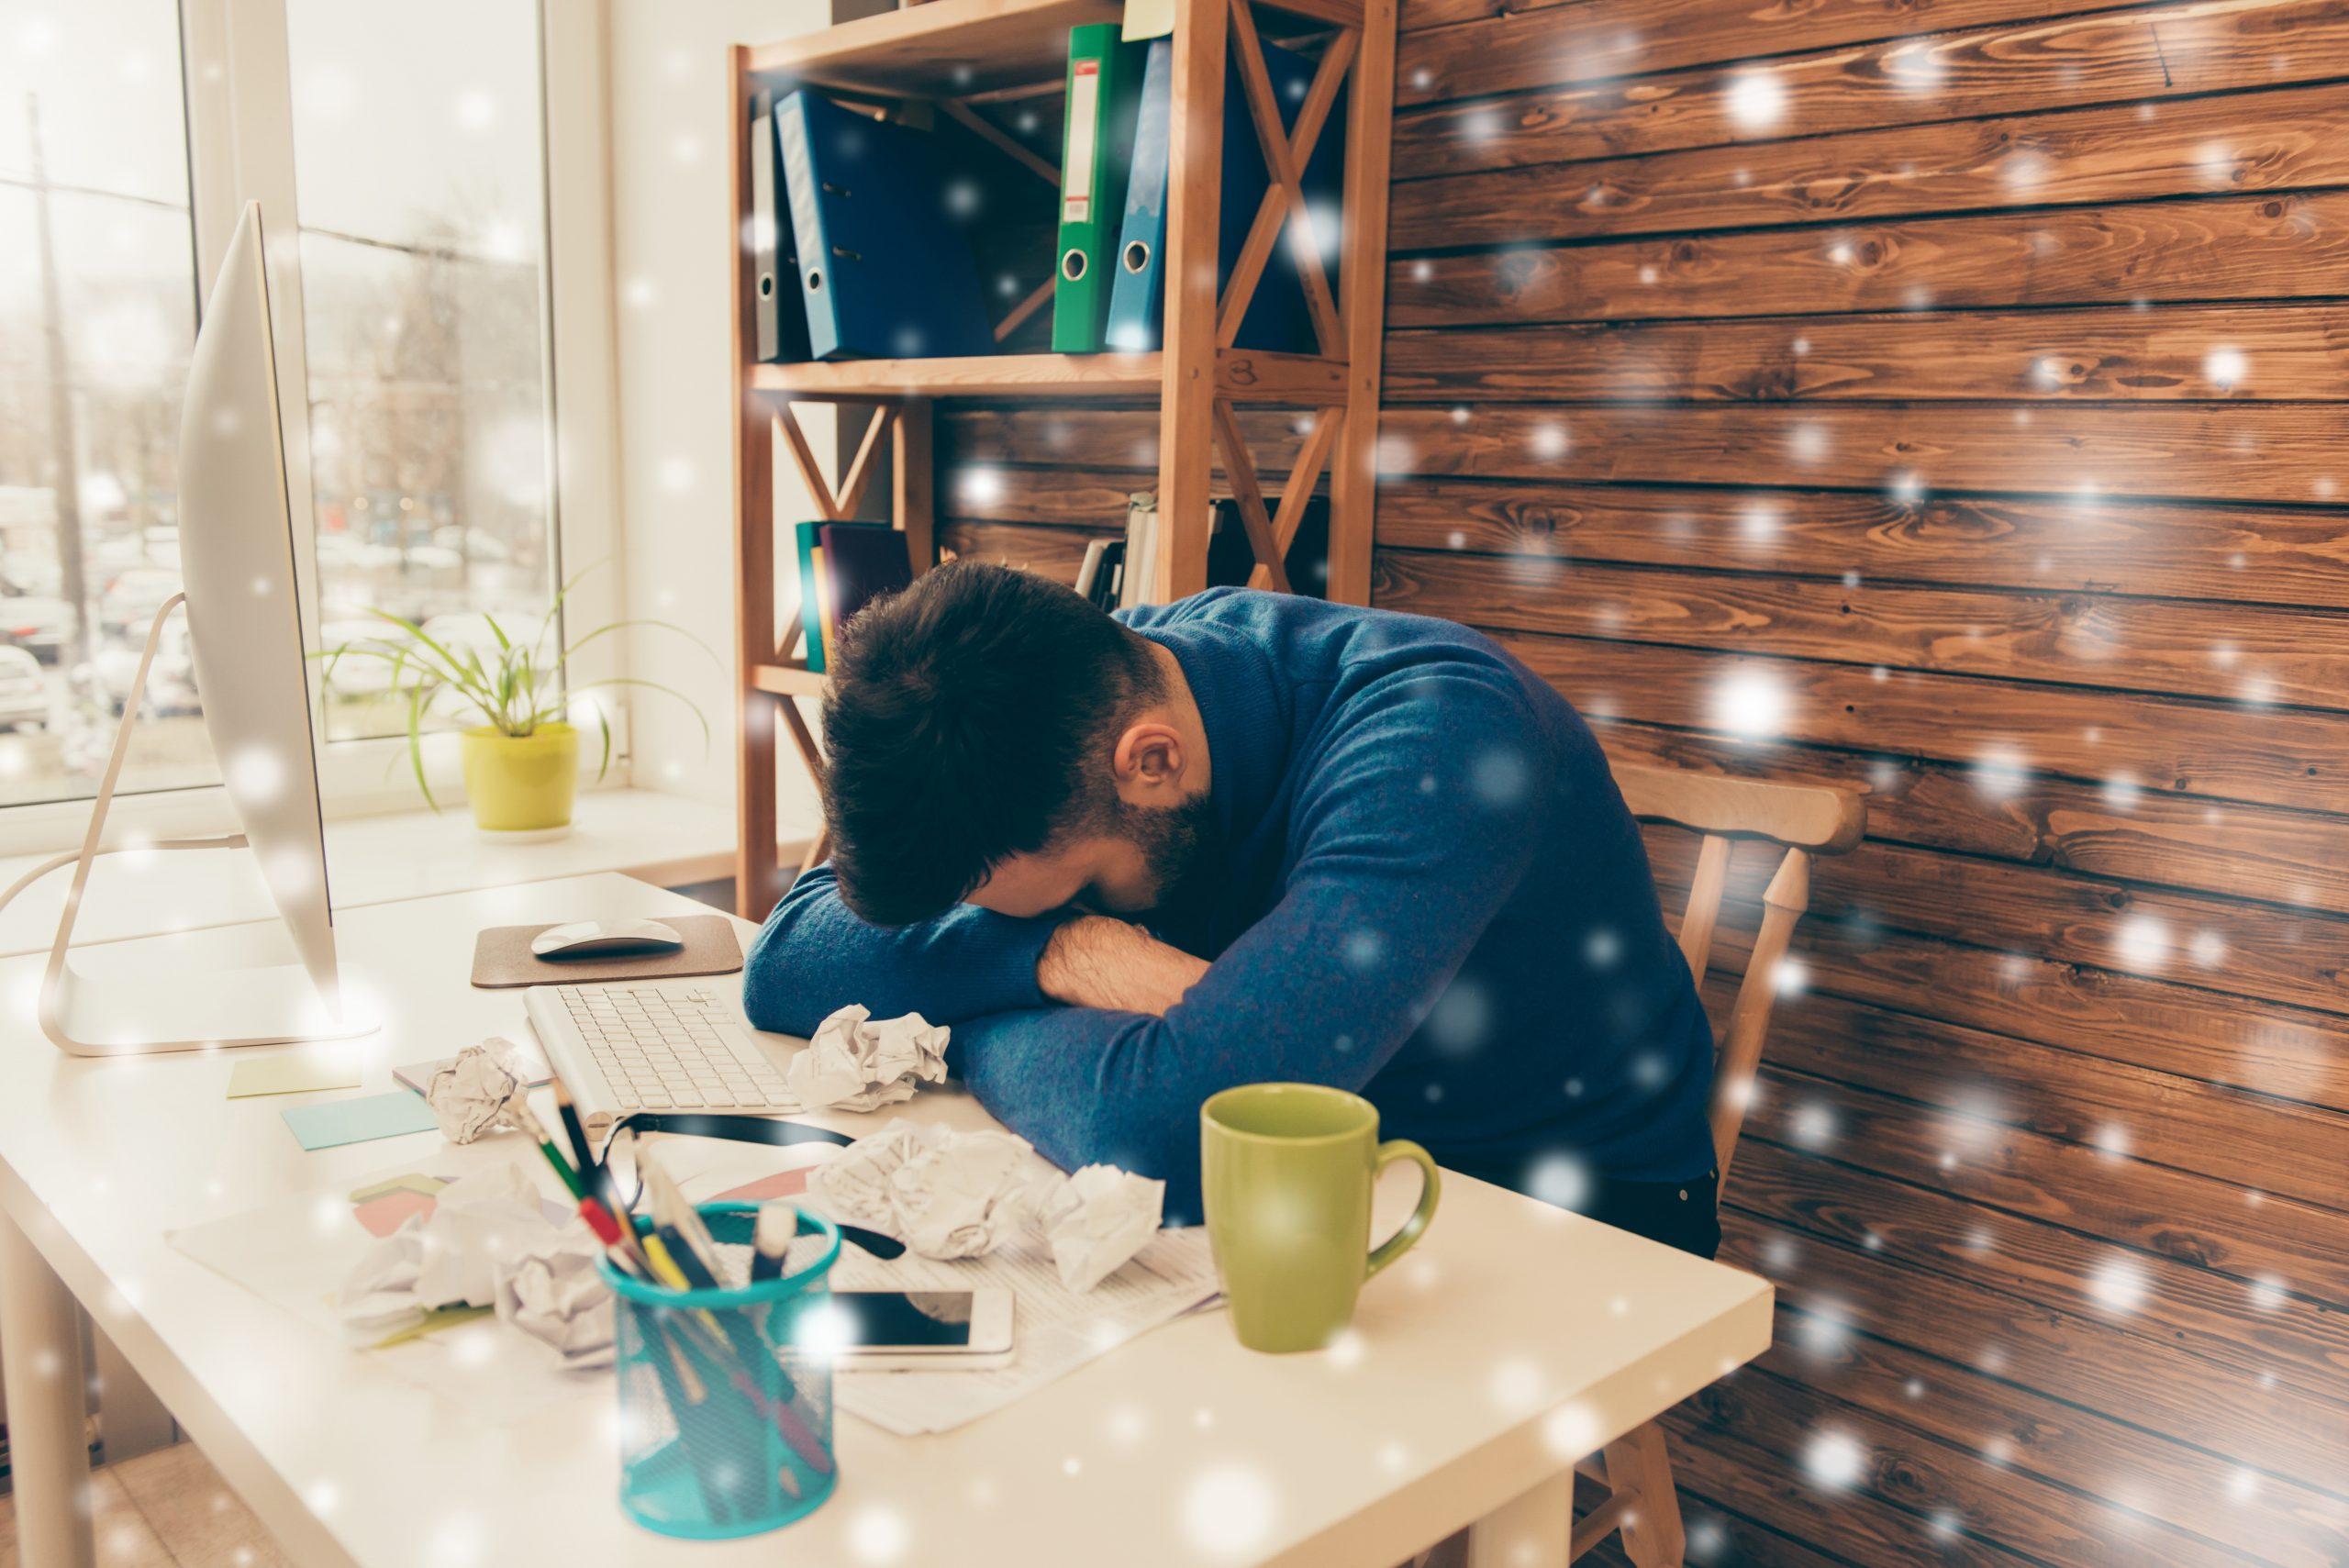 ¿La ansiedad te consume? Utiliza estas técnicas para transformarla en serenidad